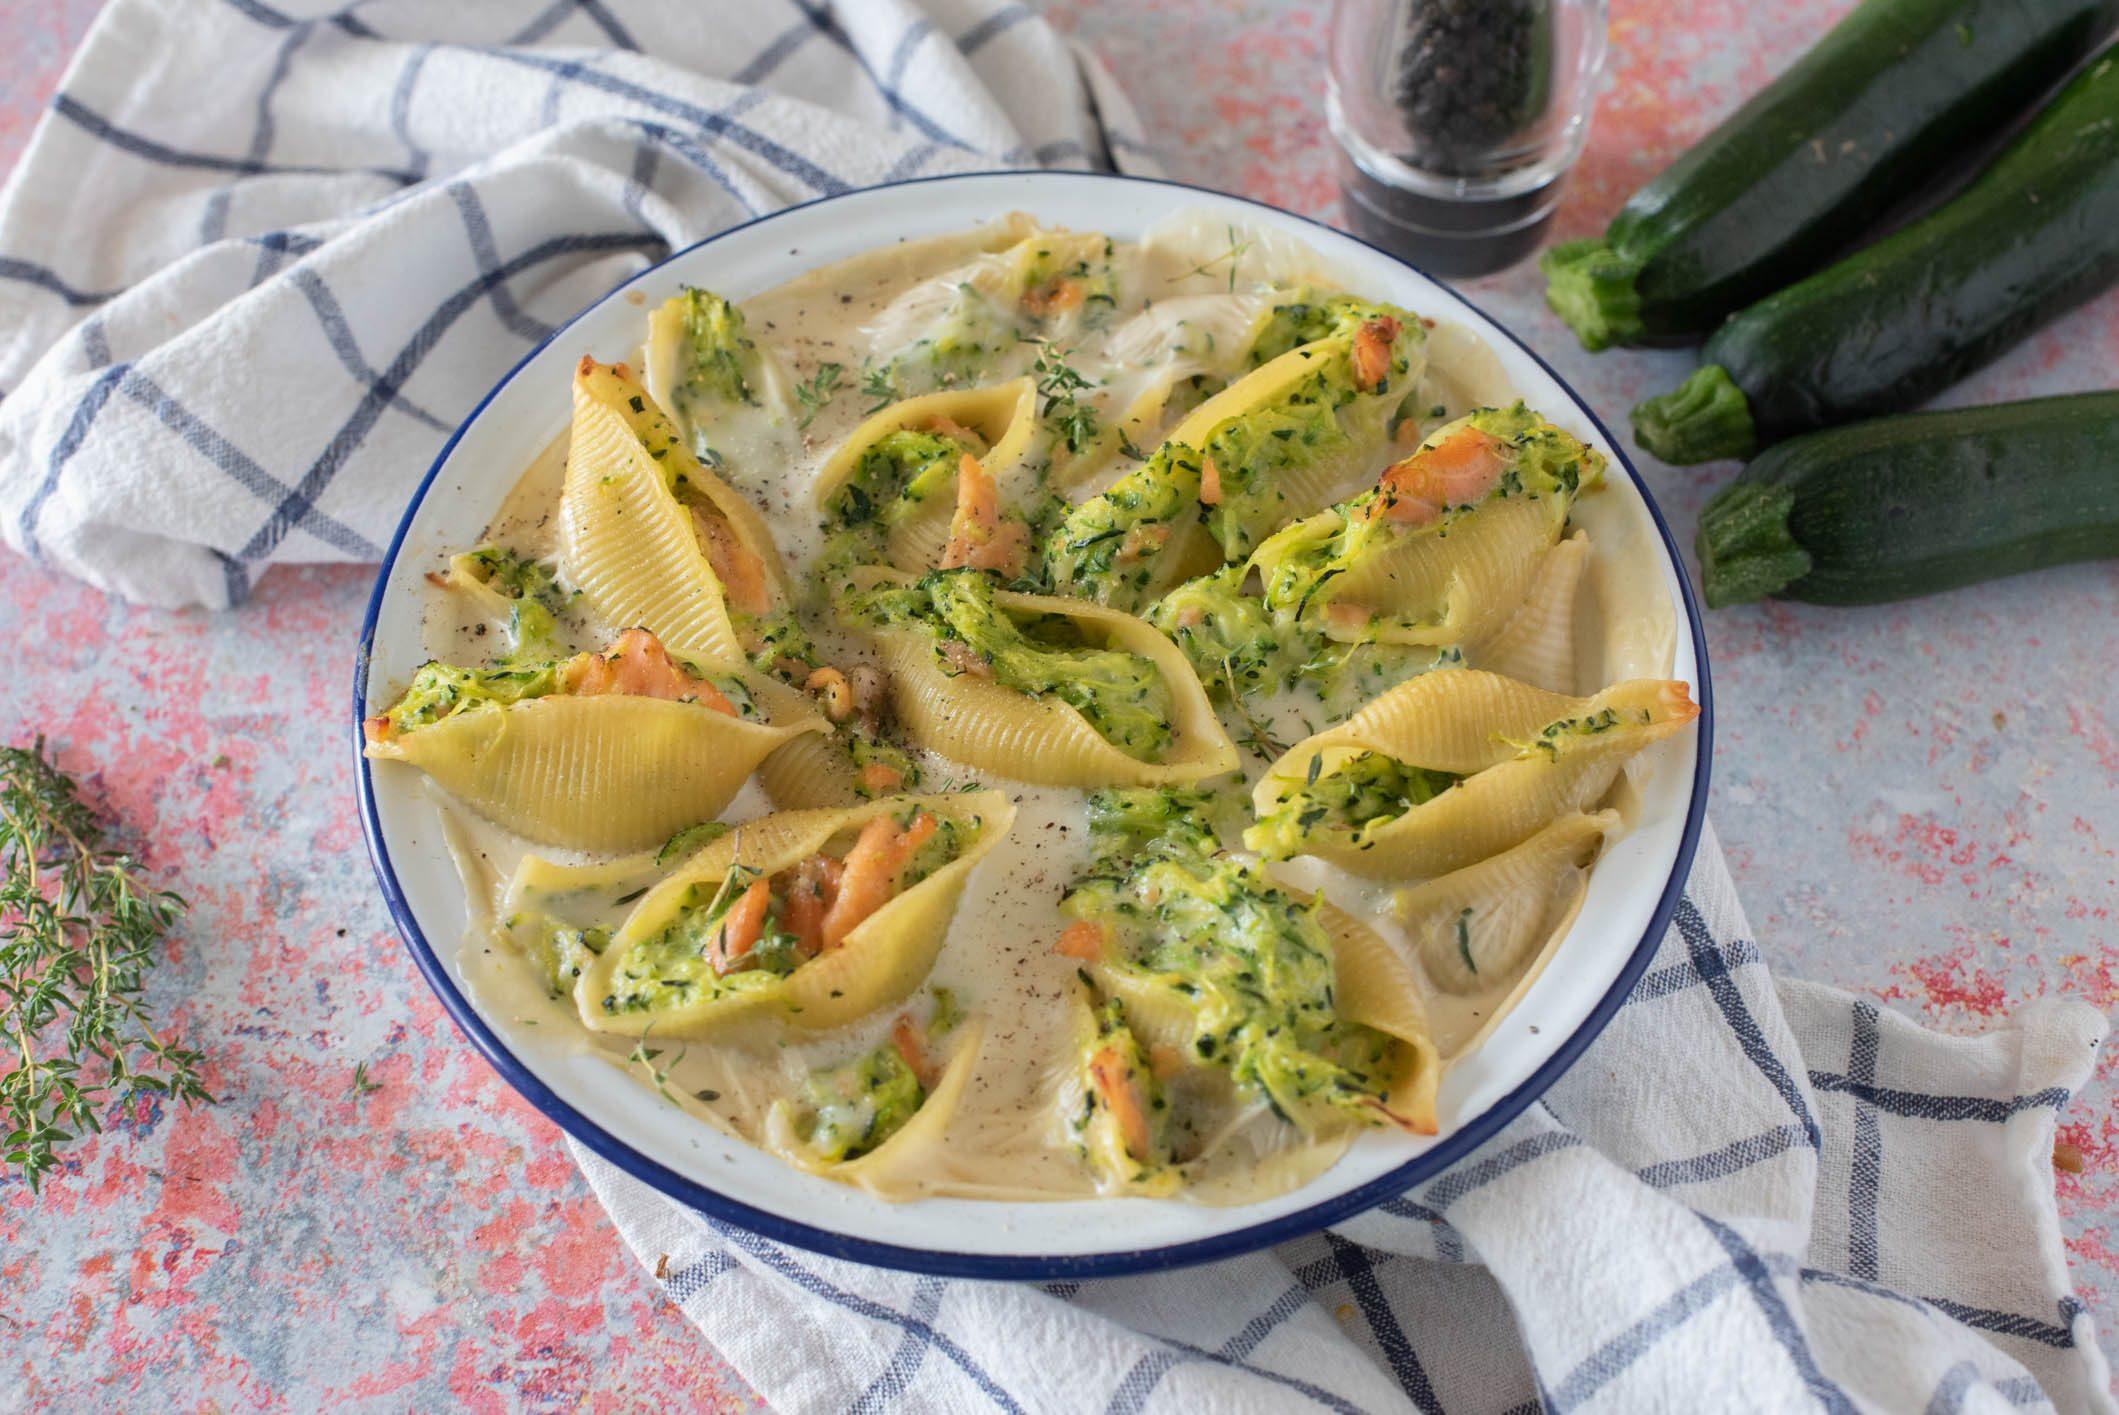 Conchiglioni al forno con zucchine e salmone: la ricetta del piatto dal sapore raffinato